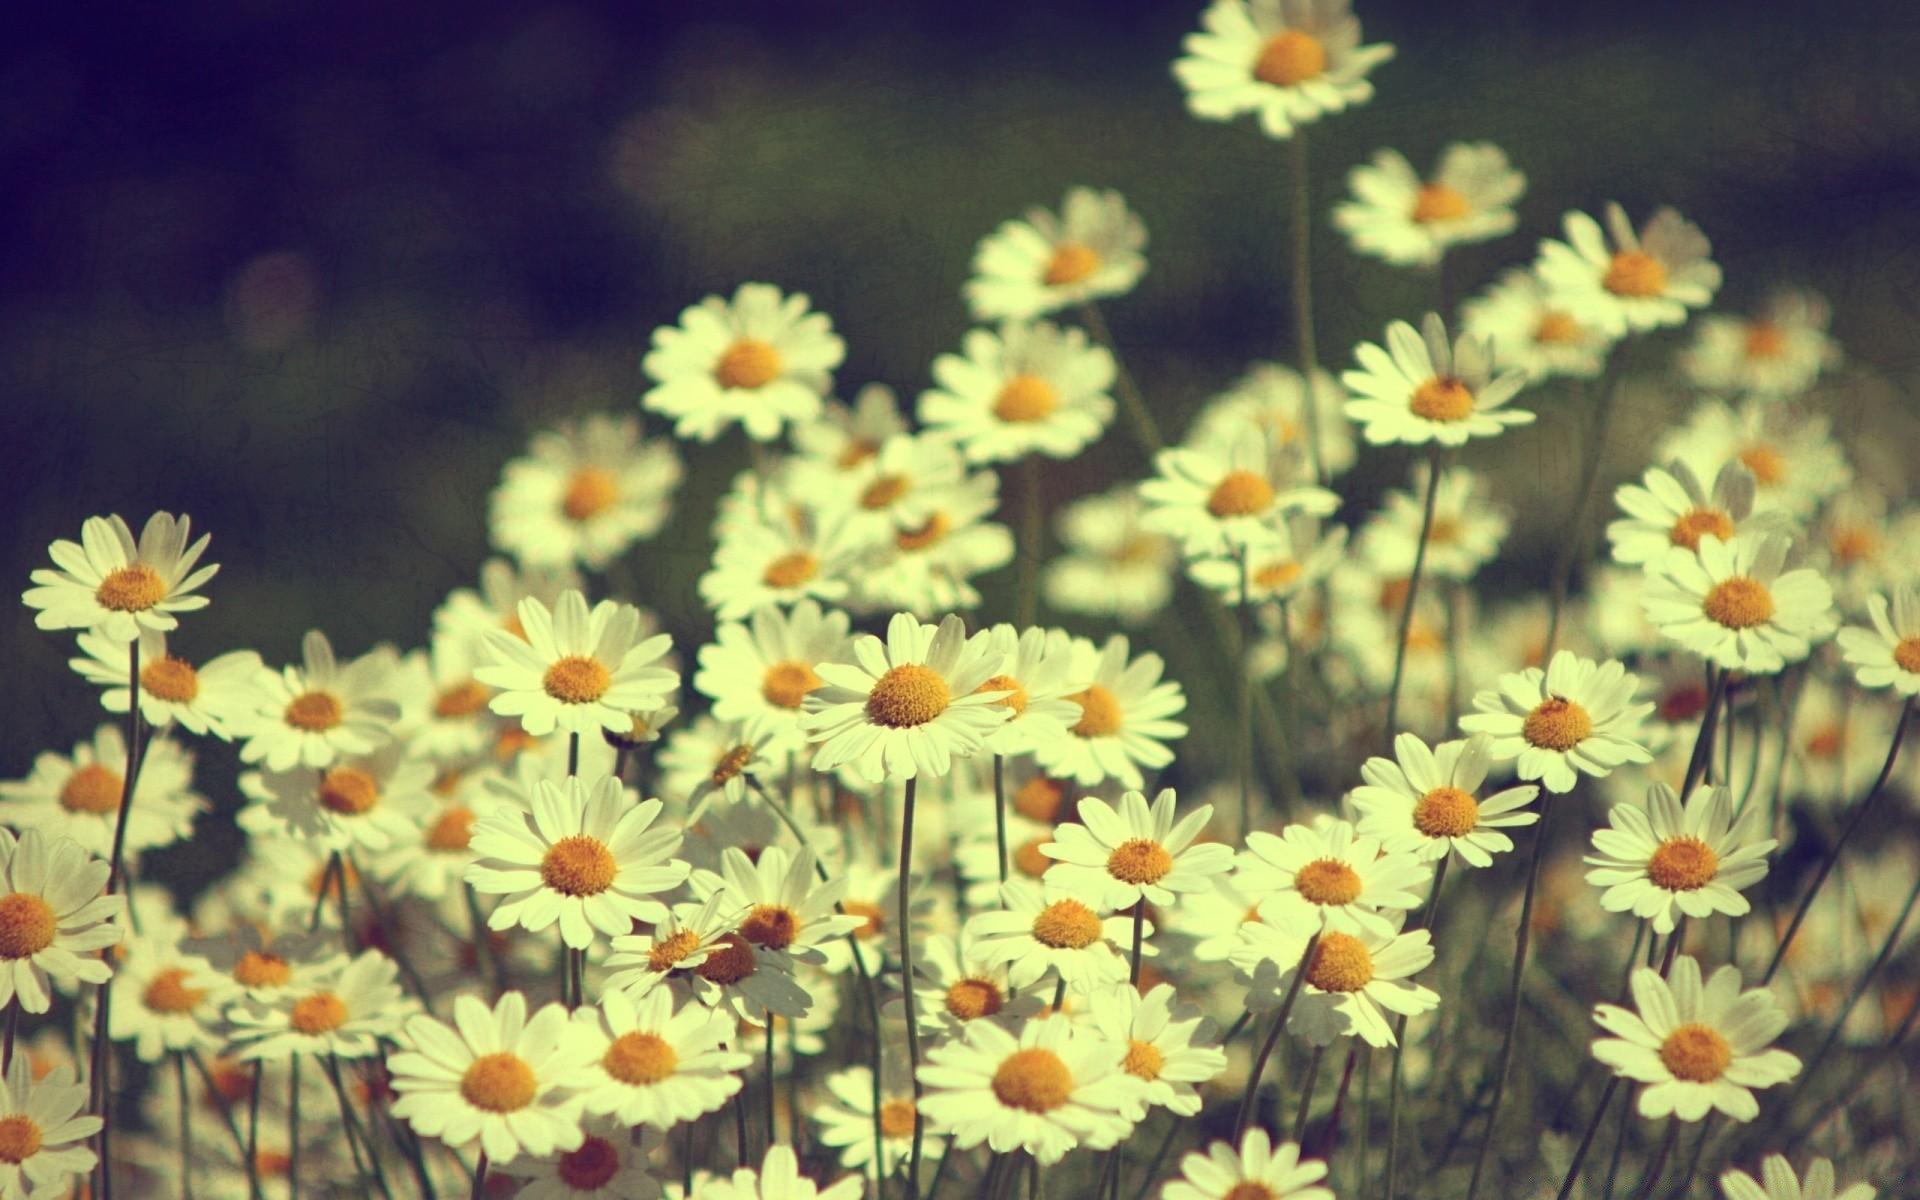 обои на телефон летние цветы всегда